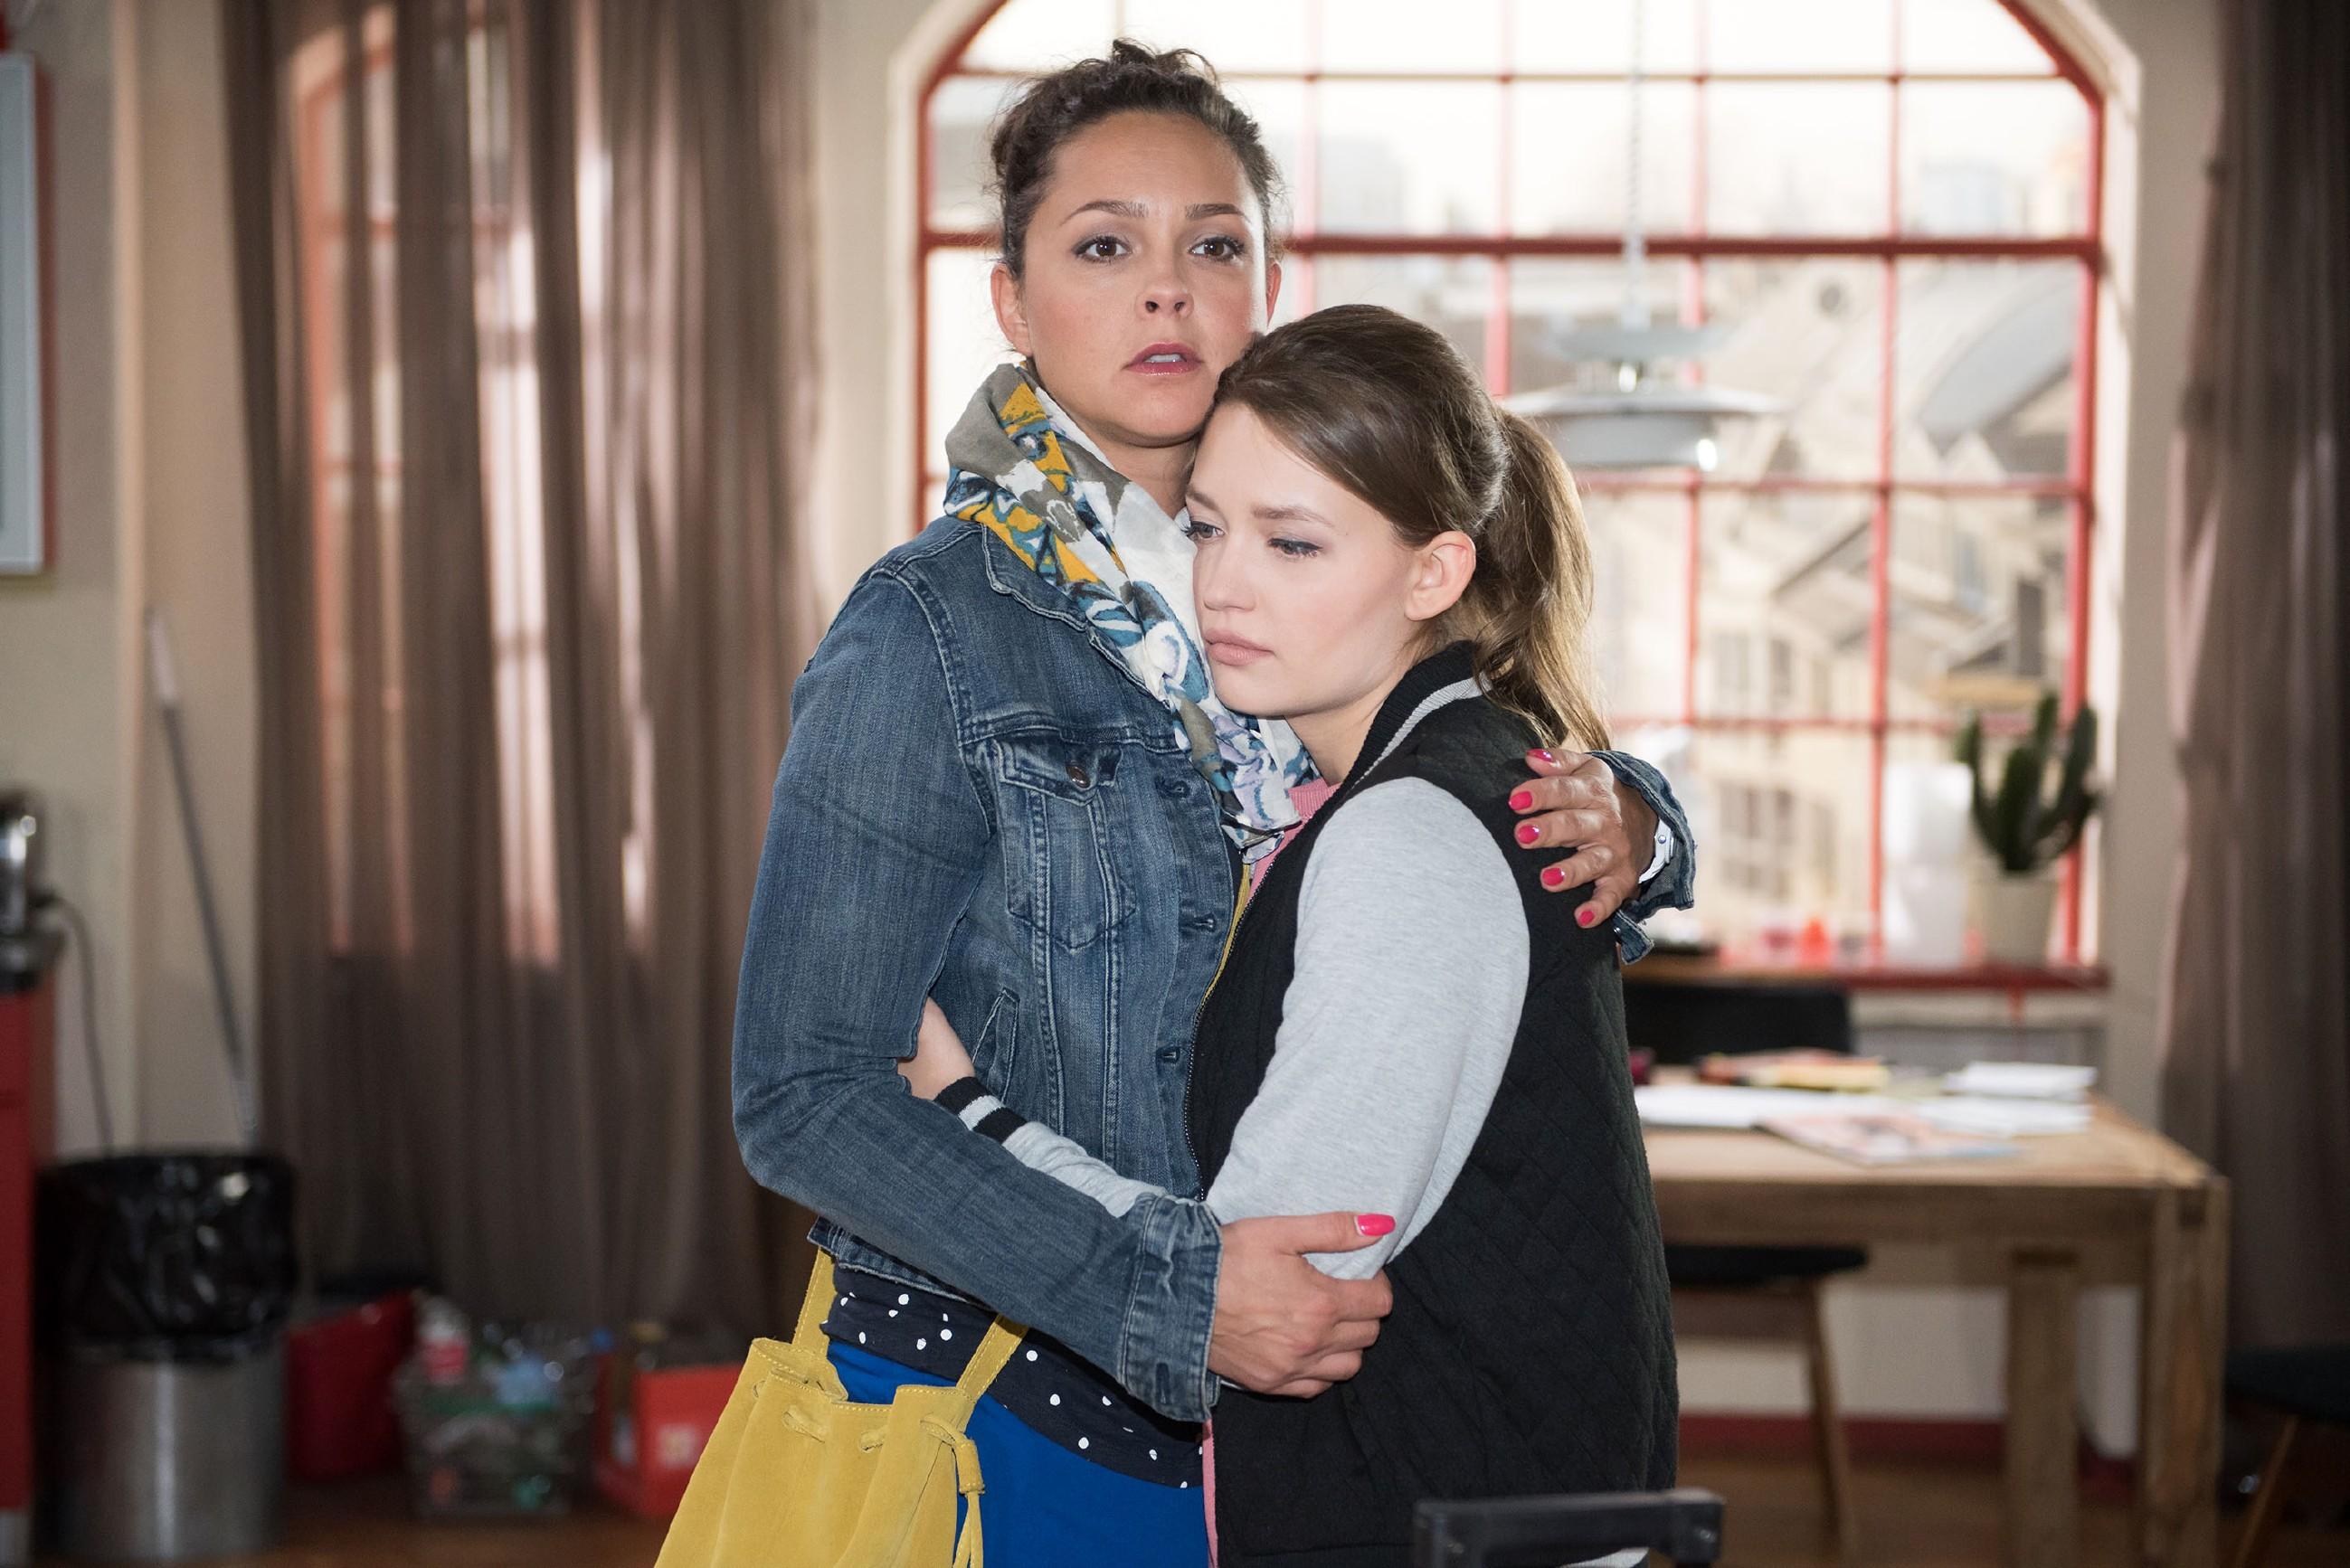 Jules (Amrei Haardt, r.) Liebeskummer erweckt Caros (Ines Kurenbach) Mitgefühl, so dass Caro ihrer Tochter doch noch die Erlaubnis gibt, nach Südafrika zu reisen.